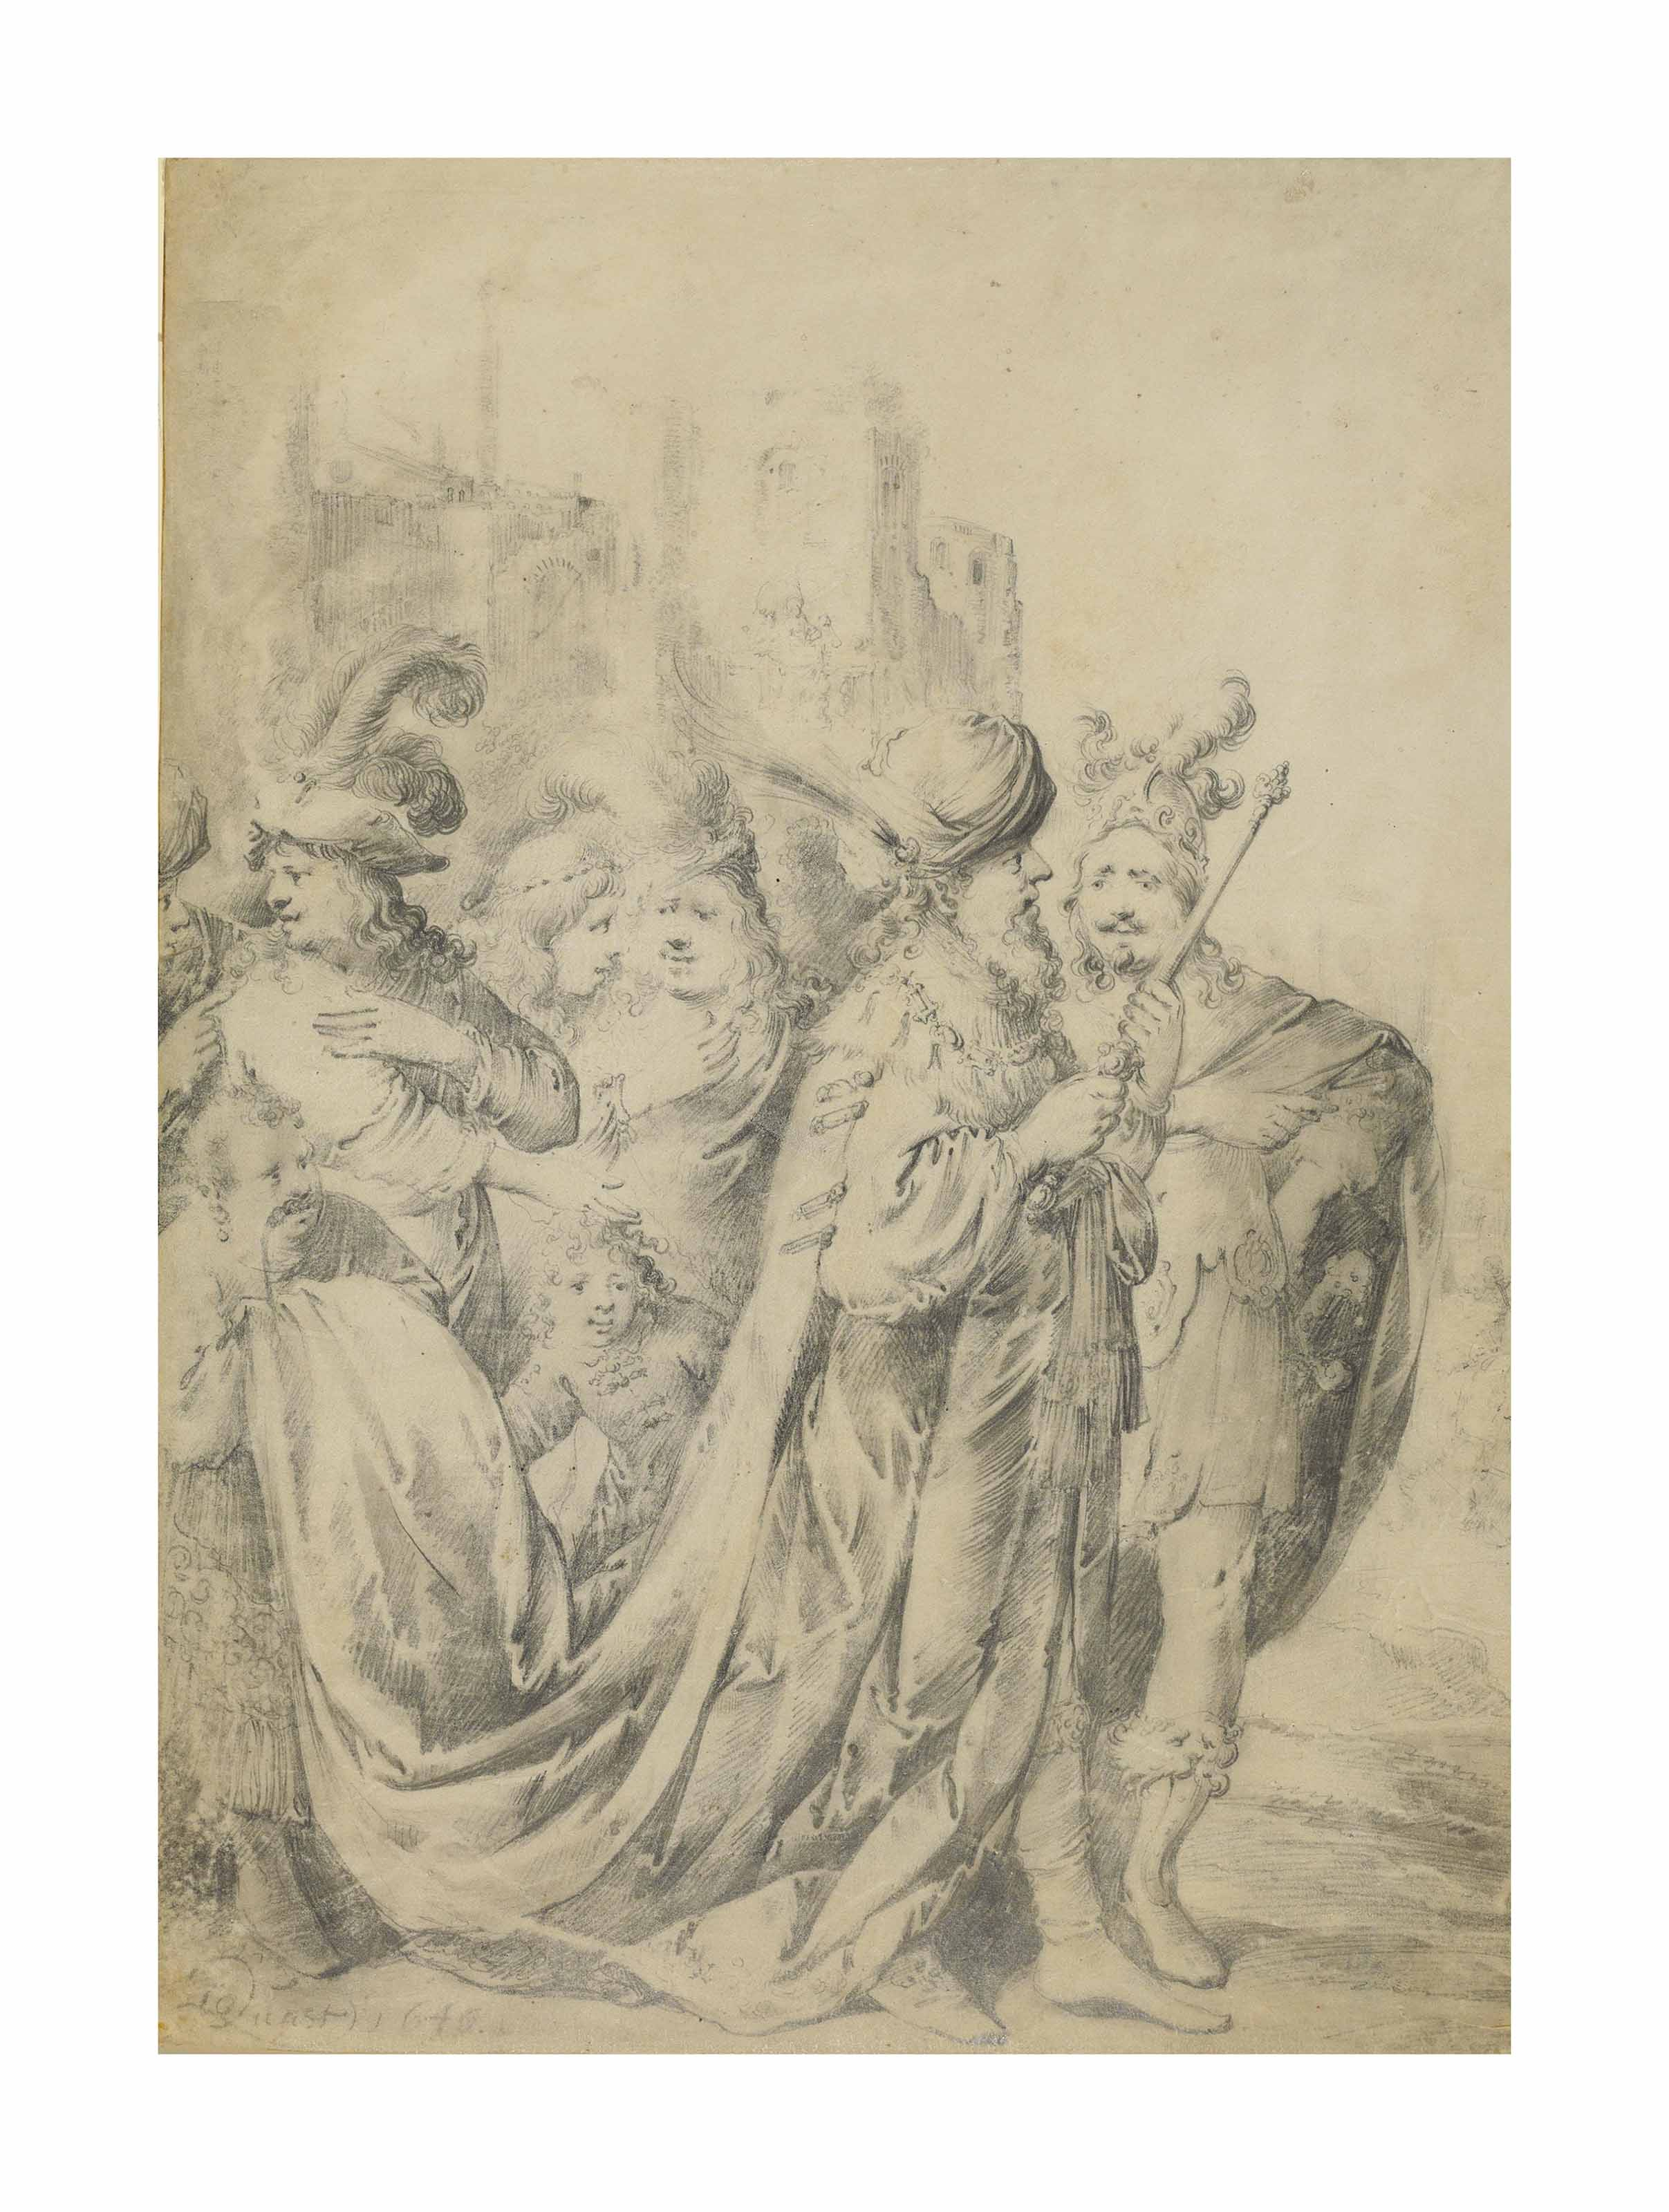 King Solomon with his entourage